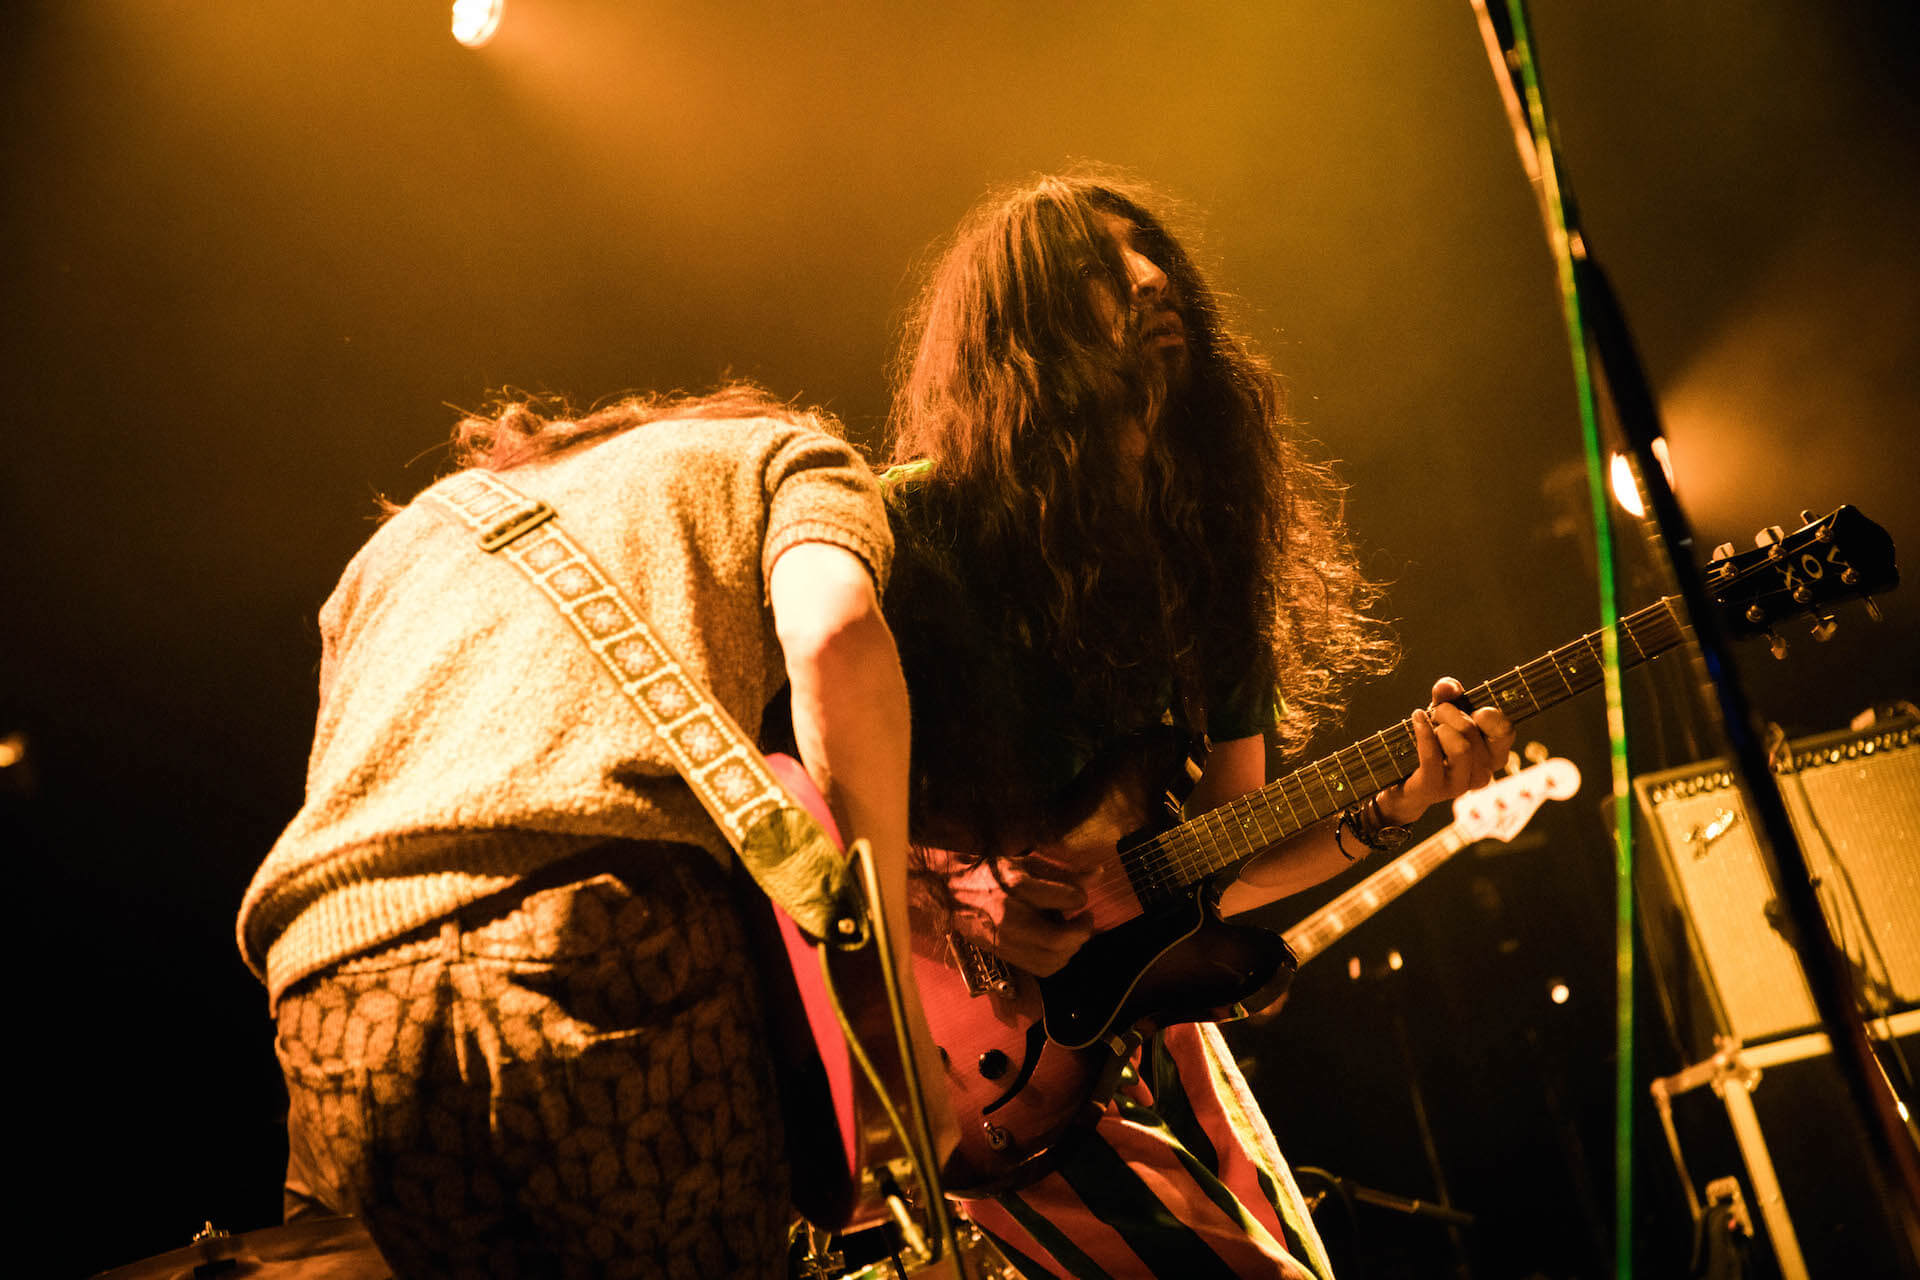 世界を旅するバンドが魅せるサイケデリアのまどろみ 幾何学模様 × OGRE YOU ASSHOLE ライブレポート music191103-kikagakumoyo-ogreyouasshole-11